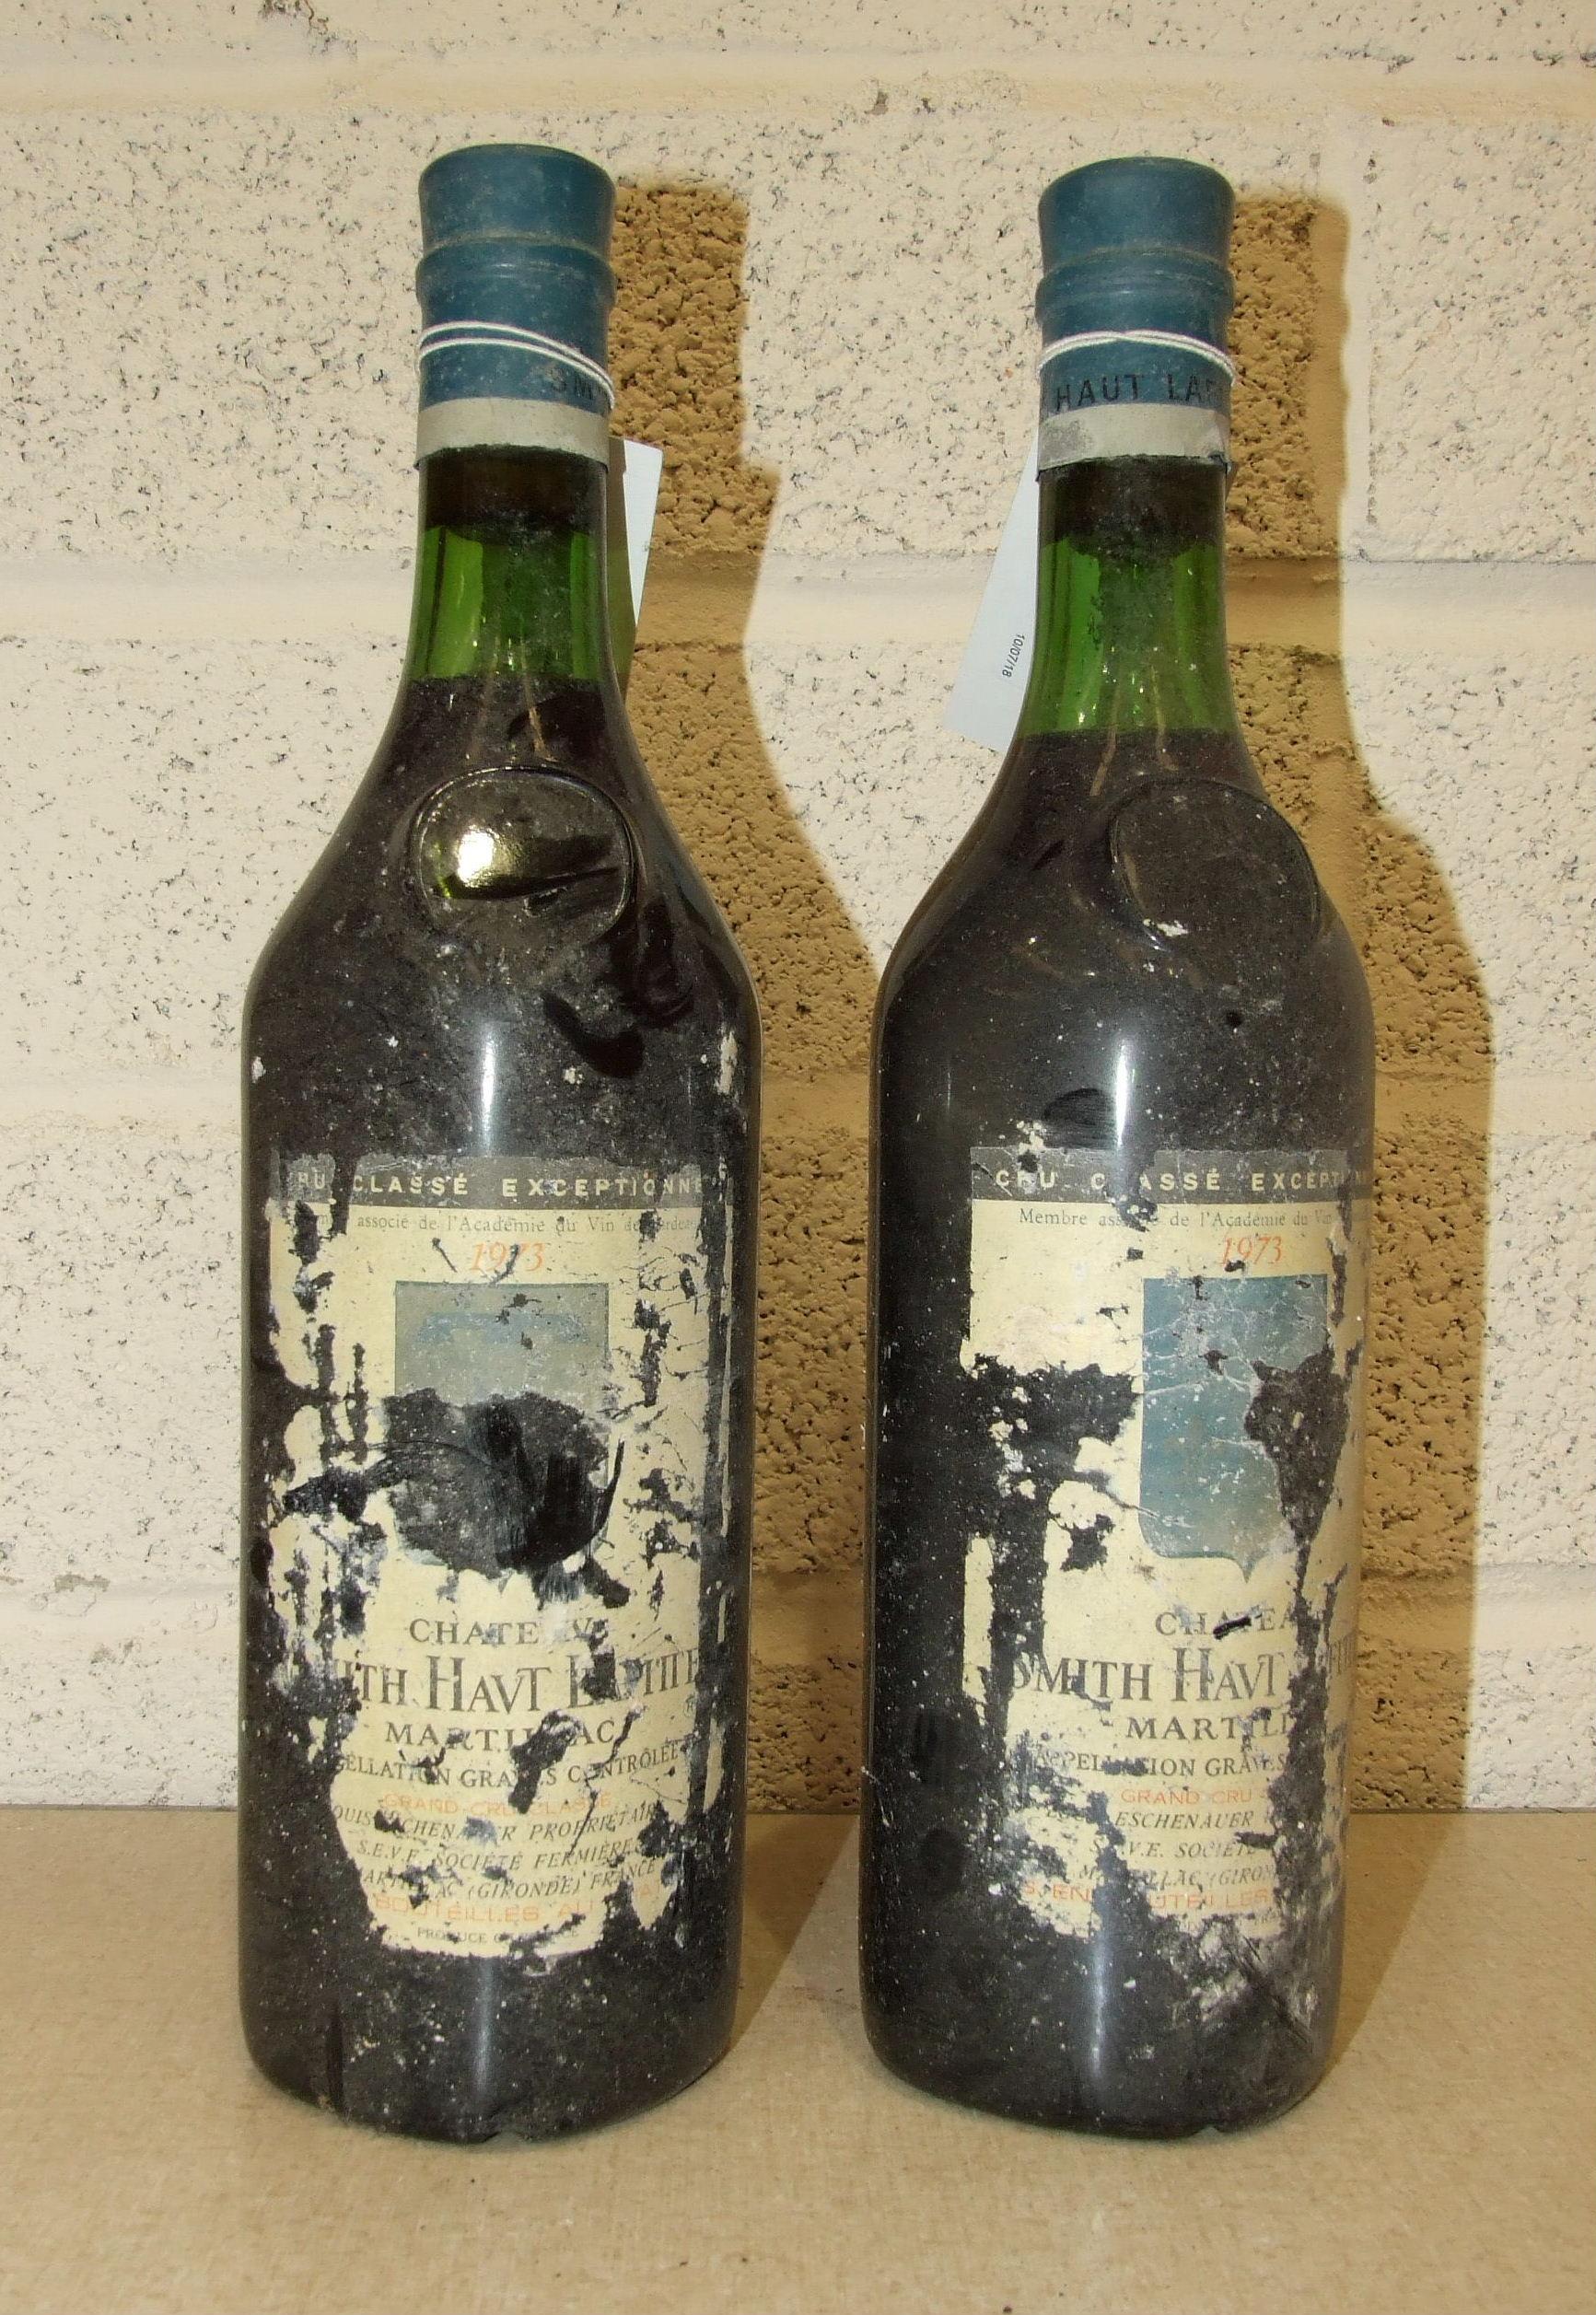 Lot 12 - Chateau Smith-Haut-Lafite 1973, 2 bottles, Grand Cru Pessac-Leognan.